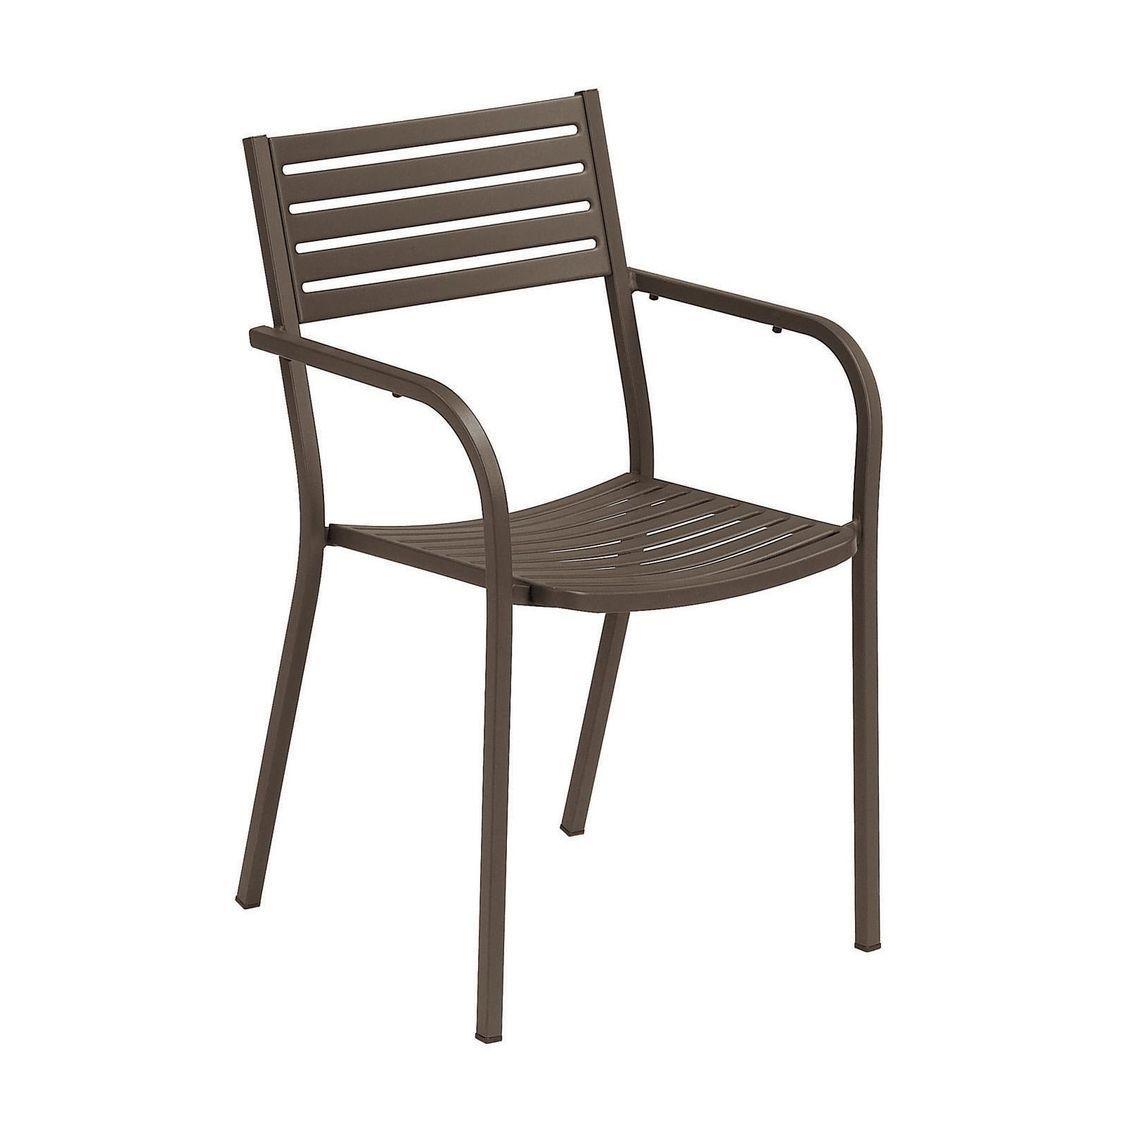 Segno silla con reposabrazos emu for Sillas con reposabrazos